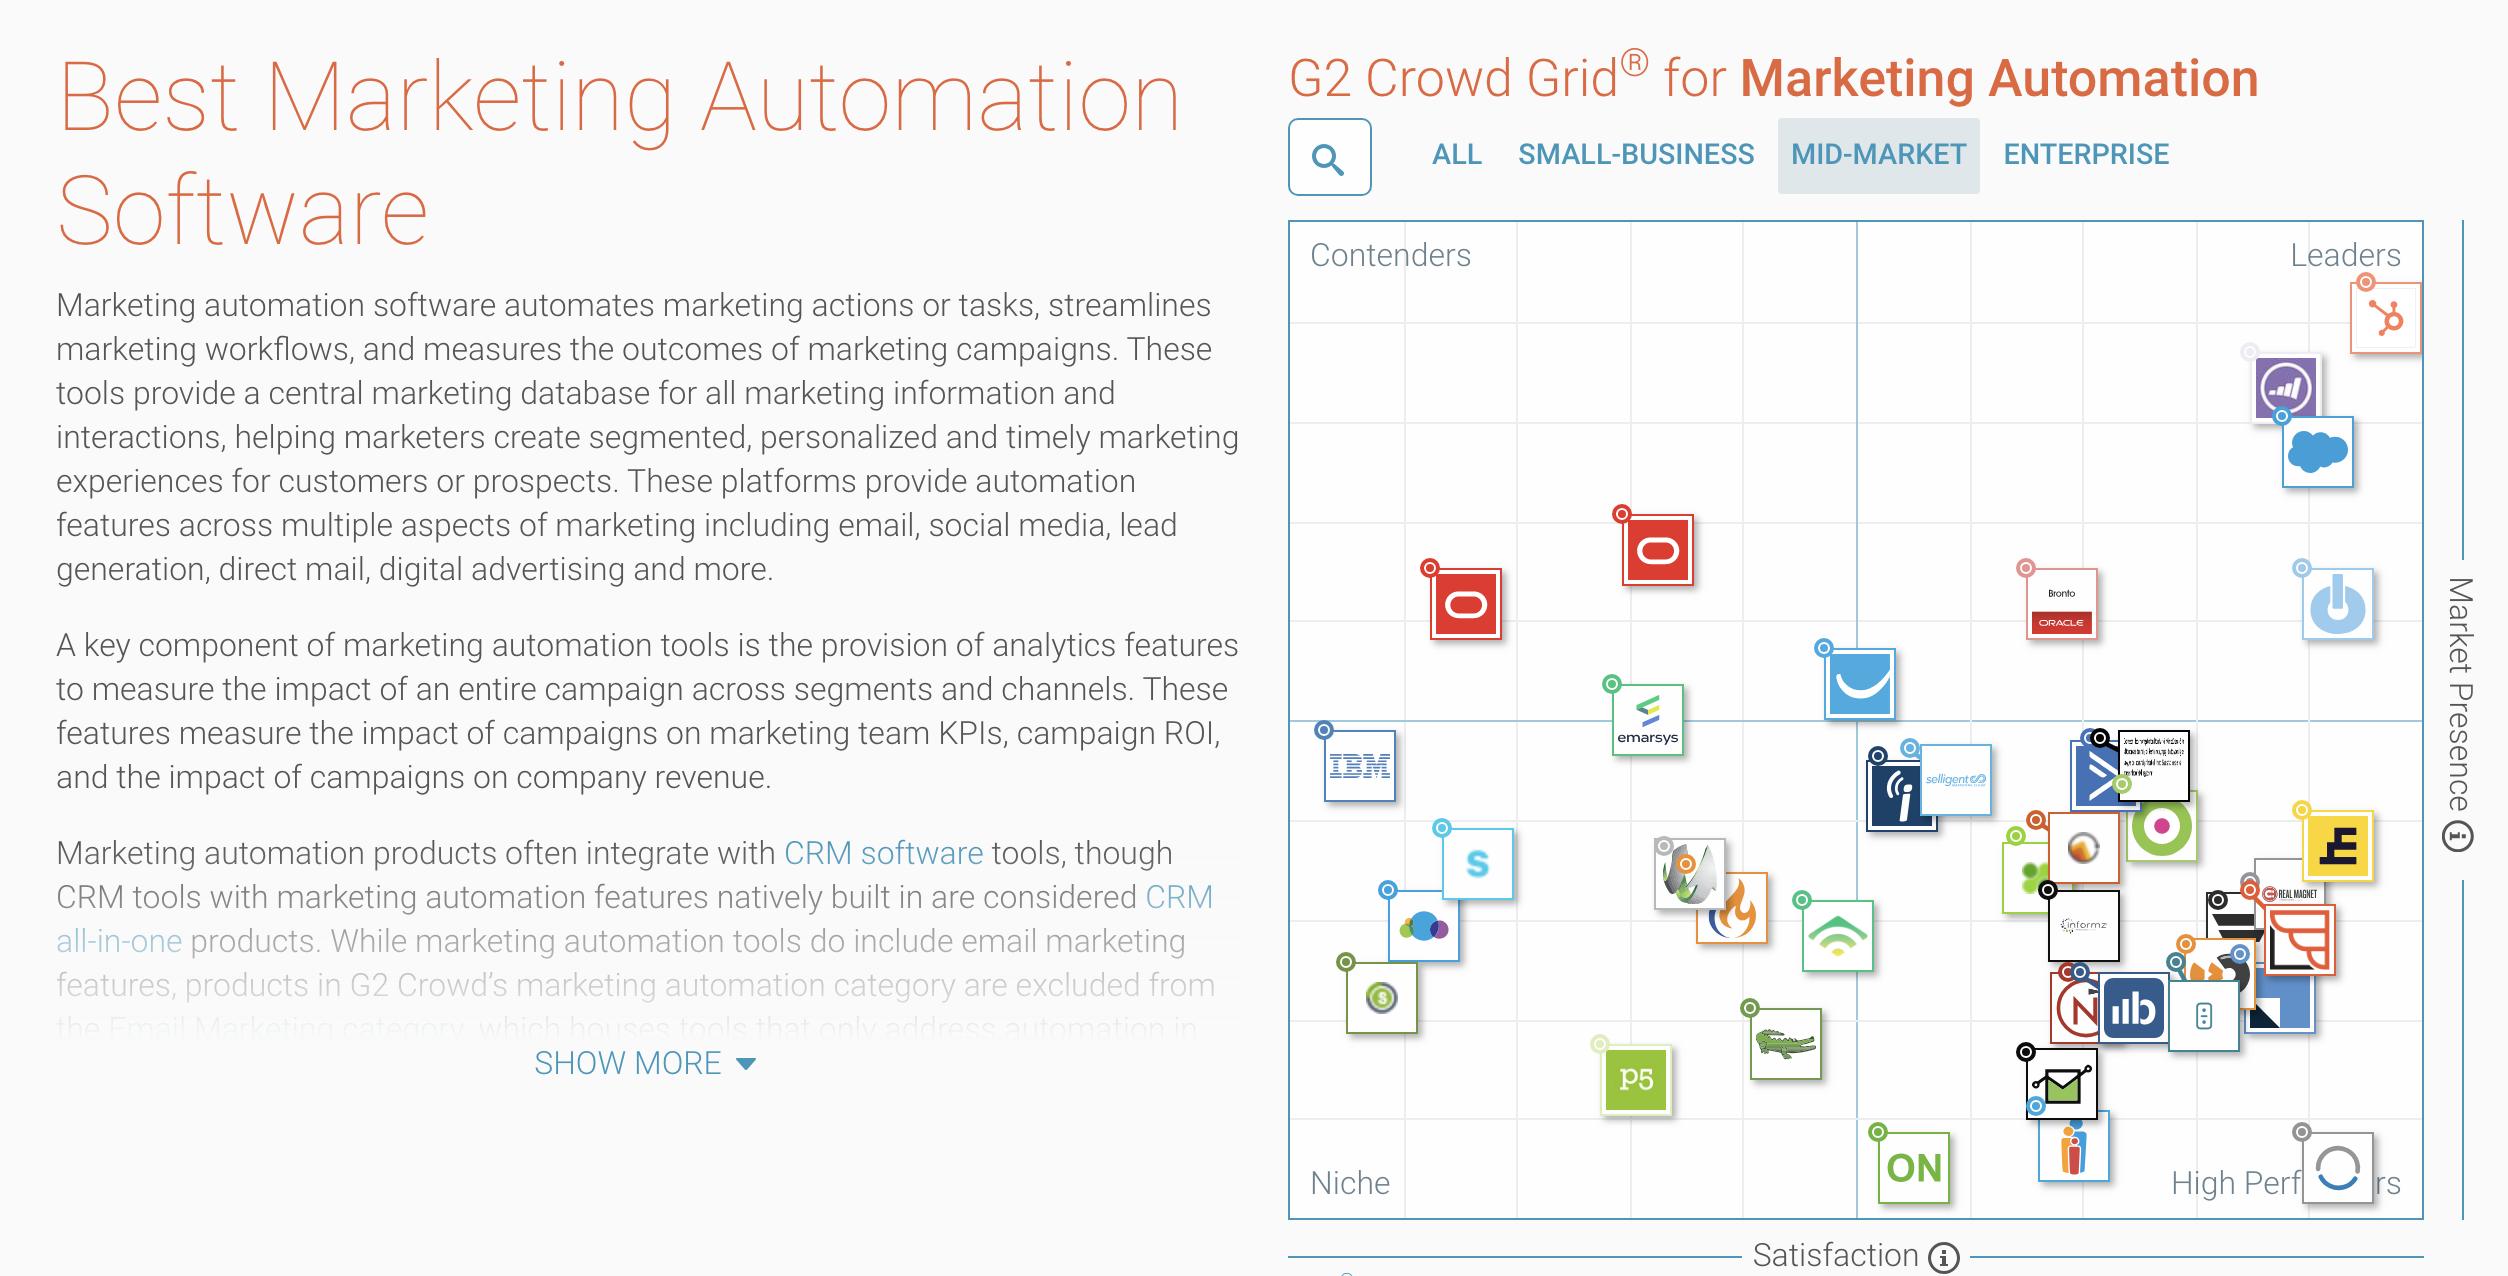 de beste marketing automation voor mid-market bedrijven gekozen door het publiek is hubspot, gevolgd door marketo, pardot en act-on